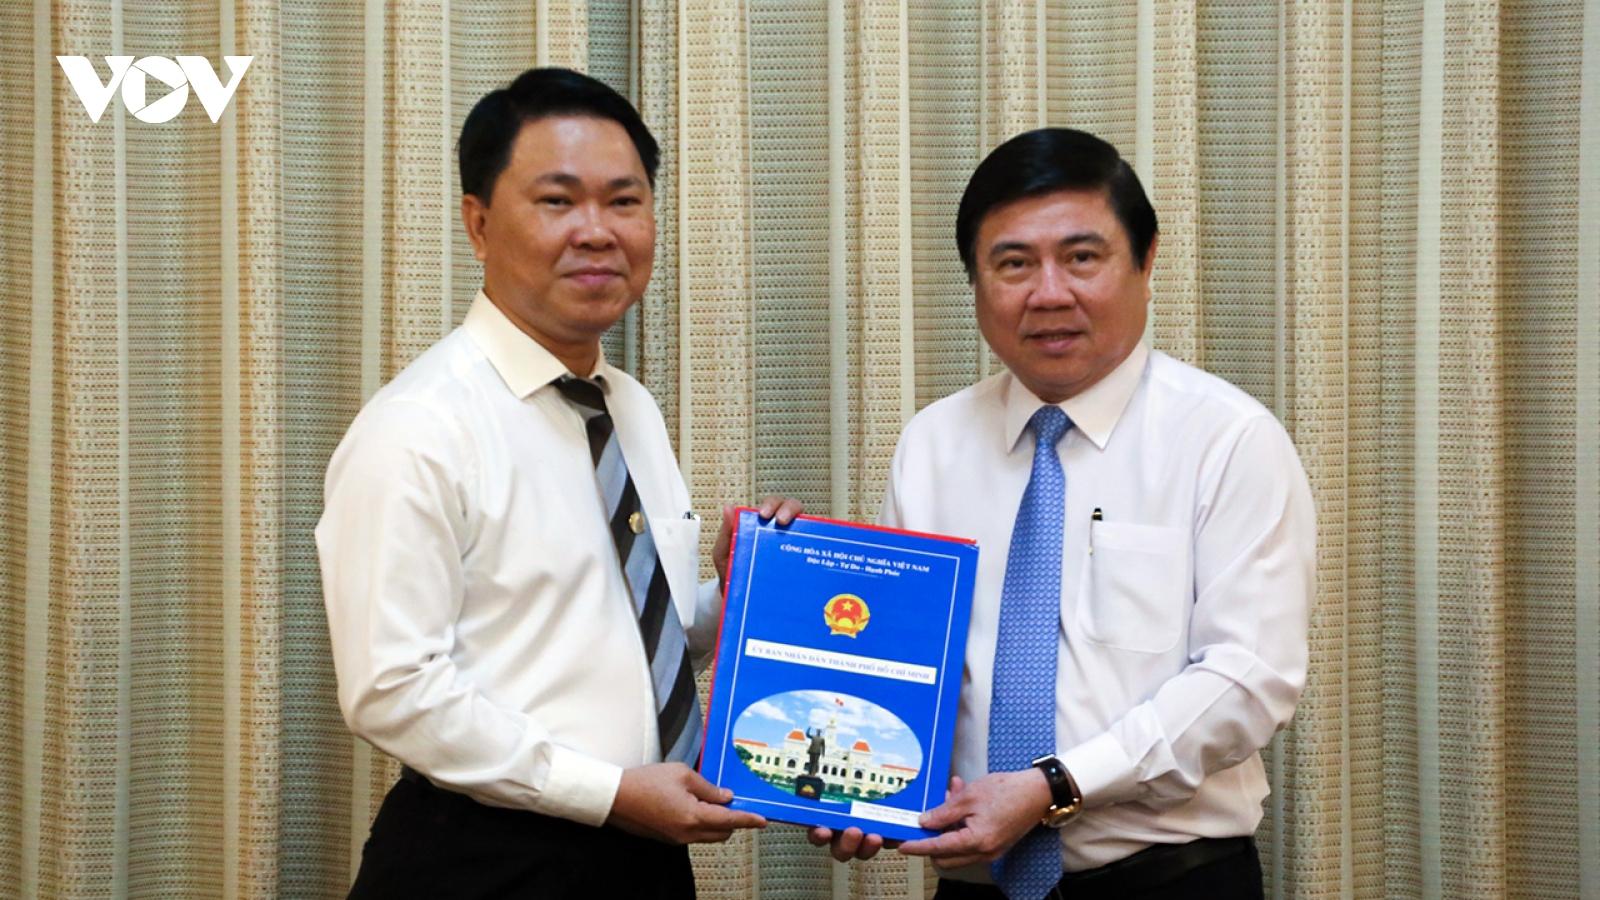 Bí thư Huyện ủy Bình Chánh làm Giám đốc Sở Xây dựng TP.HCM